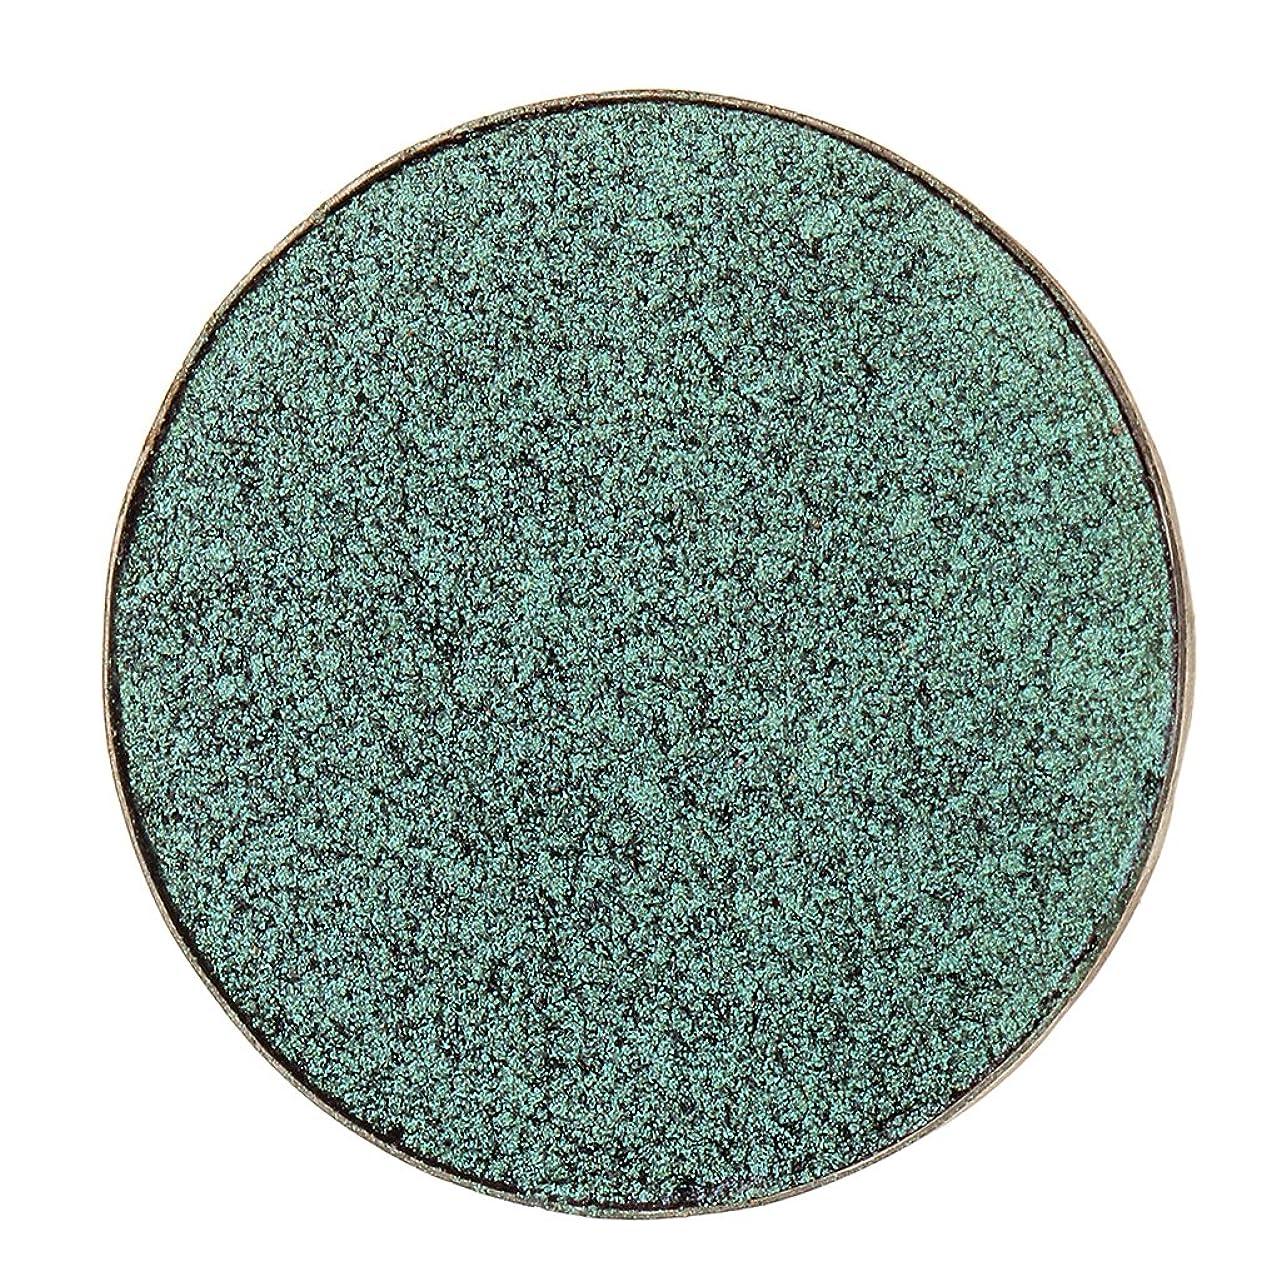 私たちのチャップケーブルBaosity アイシャドウ 化粧品 パレット きらめき アイシャドウ パレット メイクアップ 魅力的 全3種類 - 7#